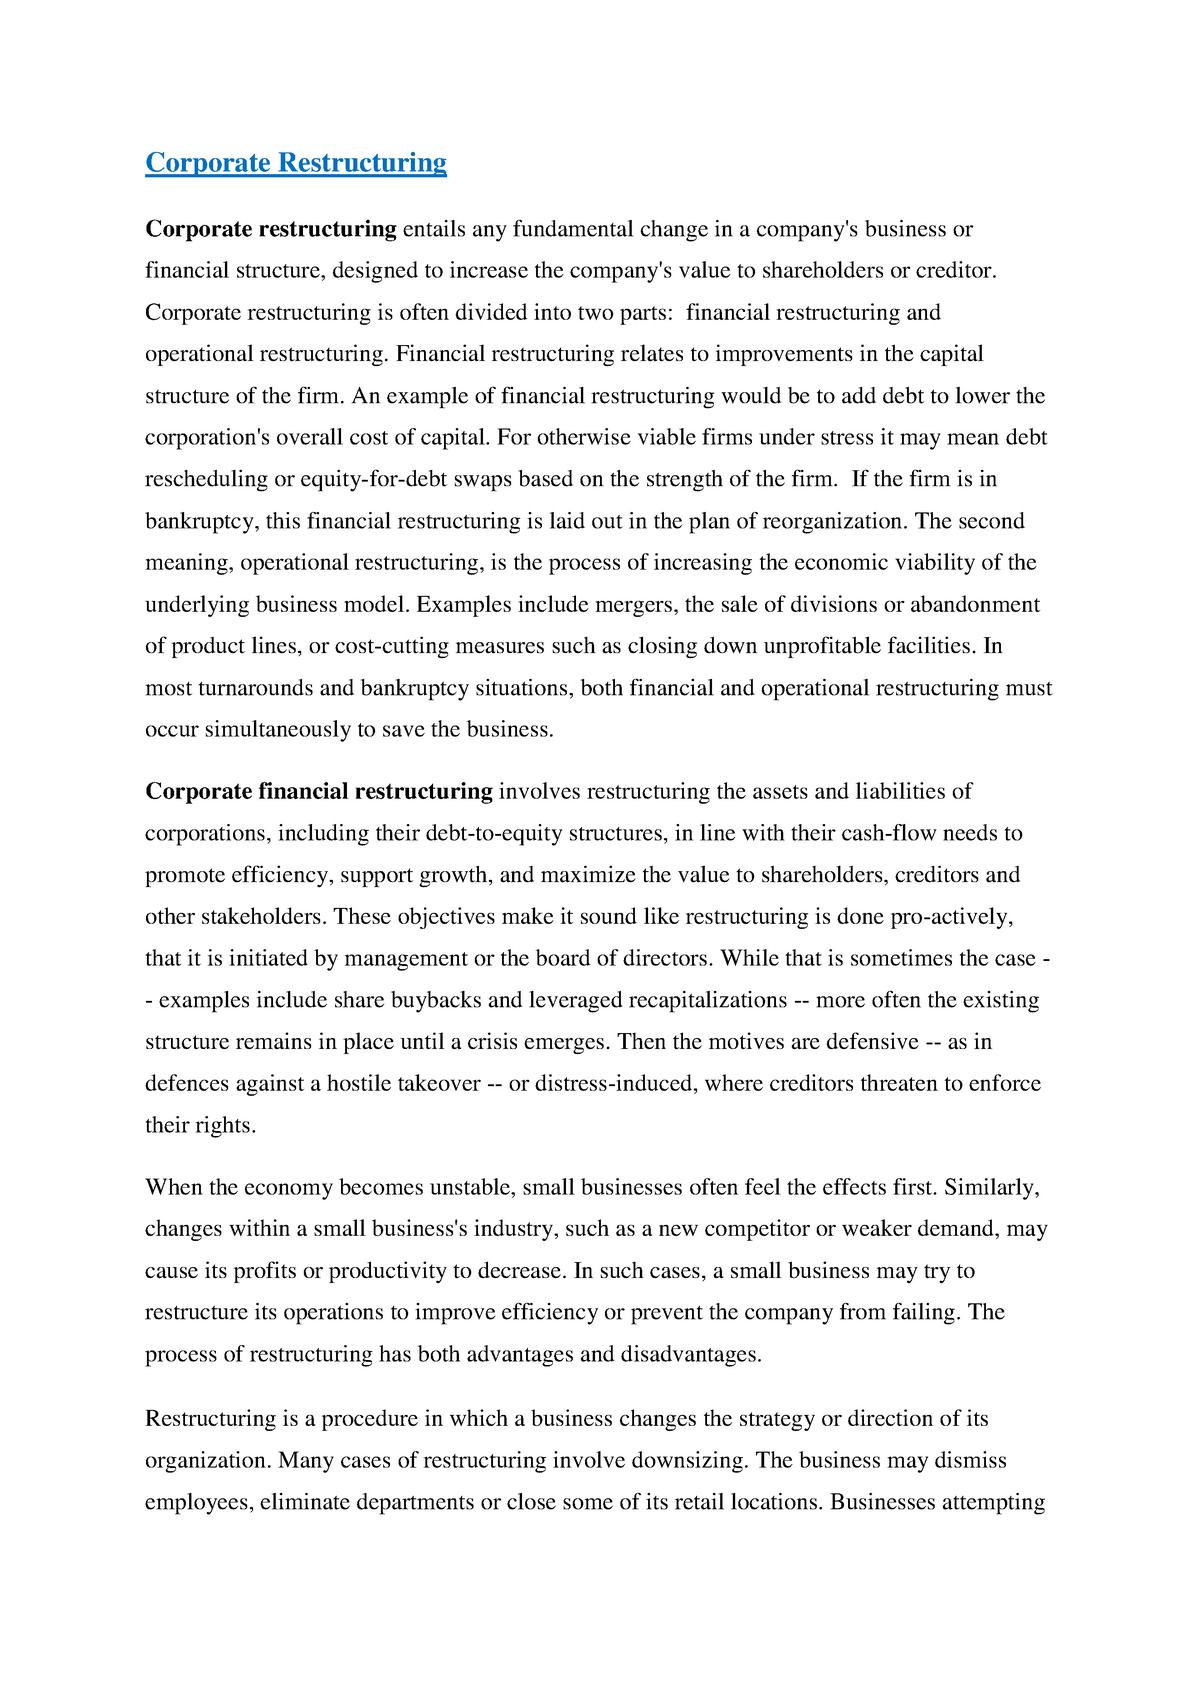 Summary - Corporate Restructuring - FNCE30002 - StuDocu